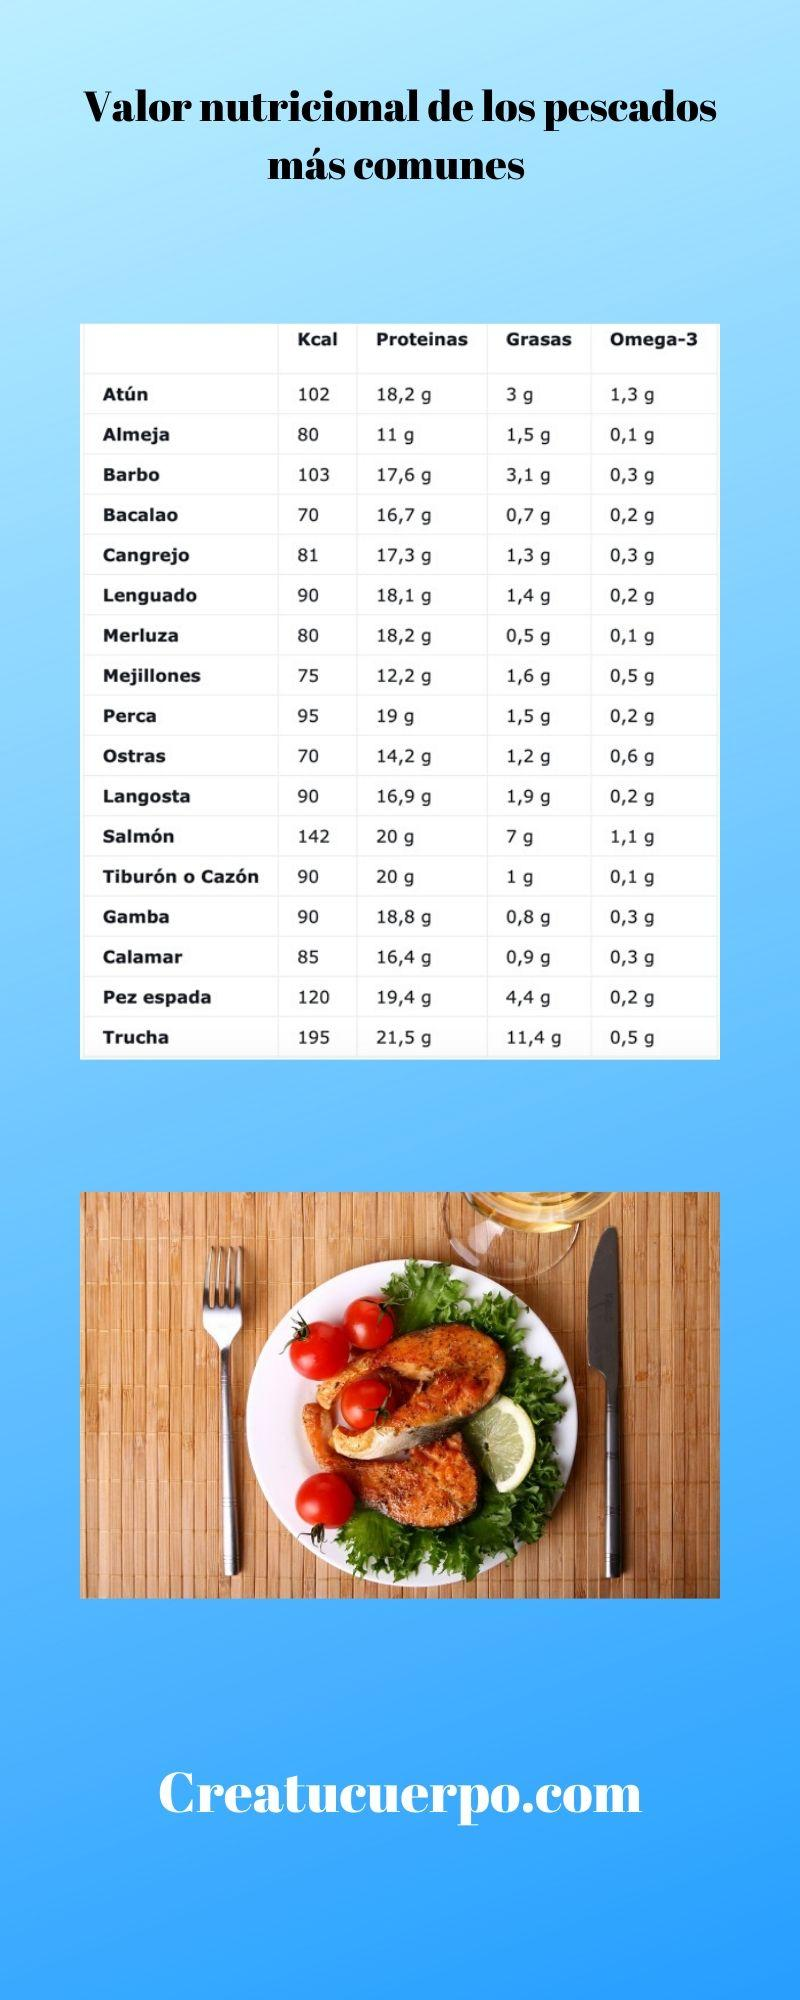 Valor nutricional de los pescados más comunes